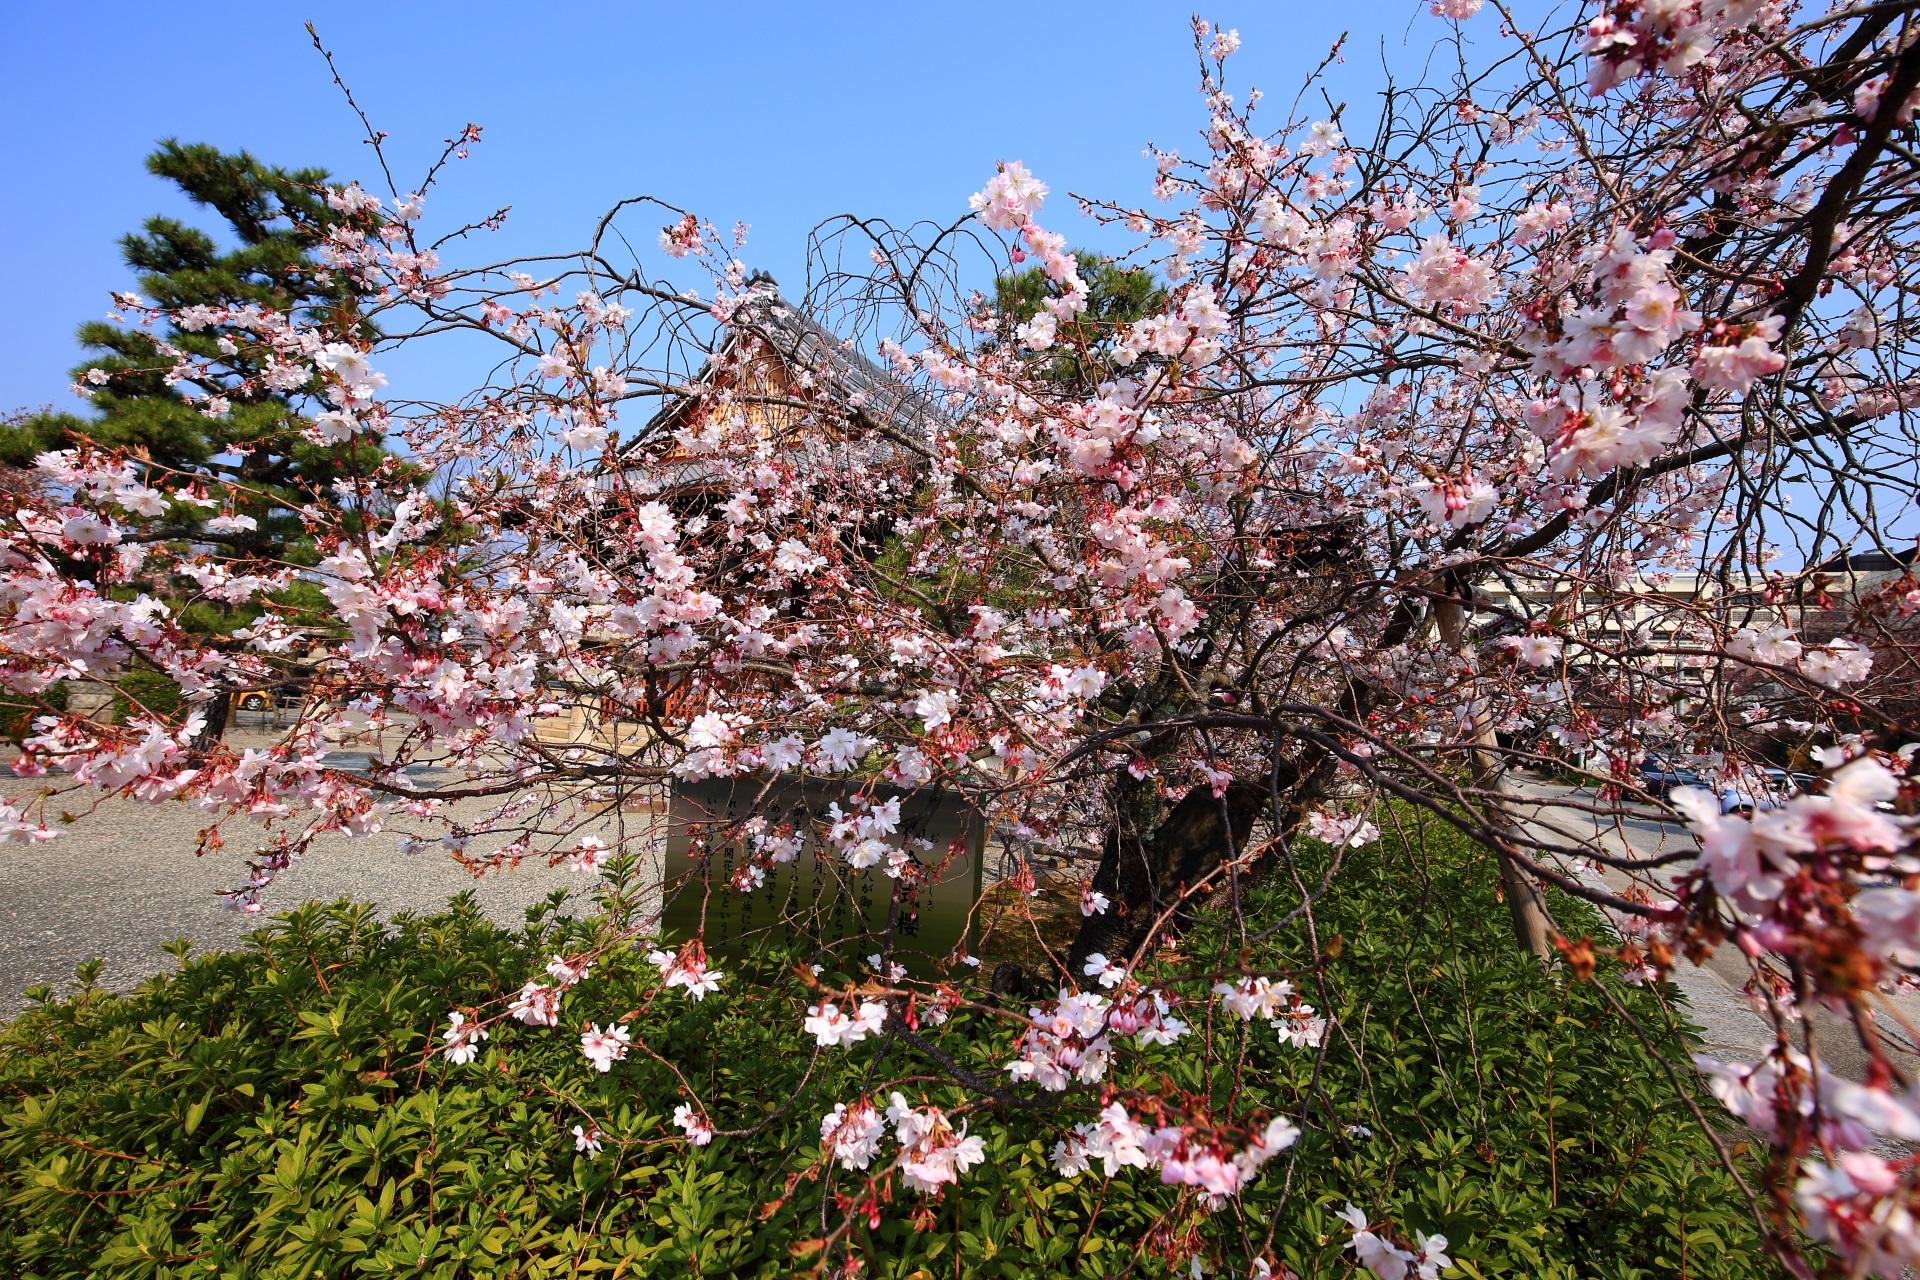 細く独特の枝をしている御会式桜